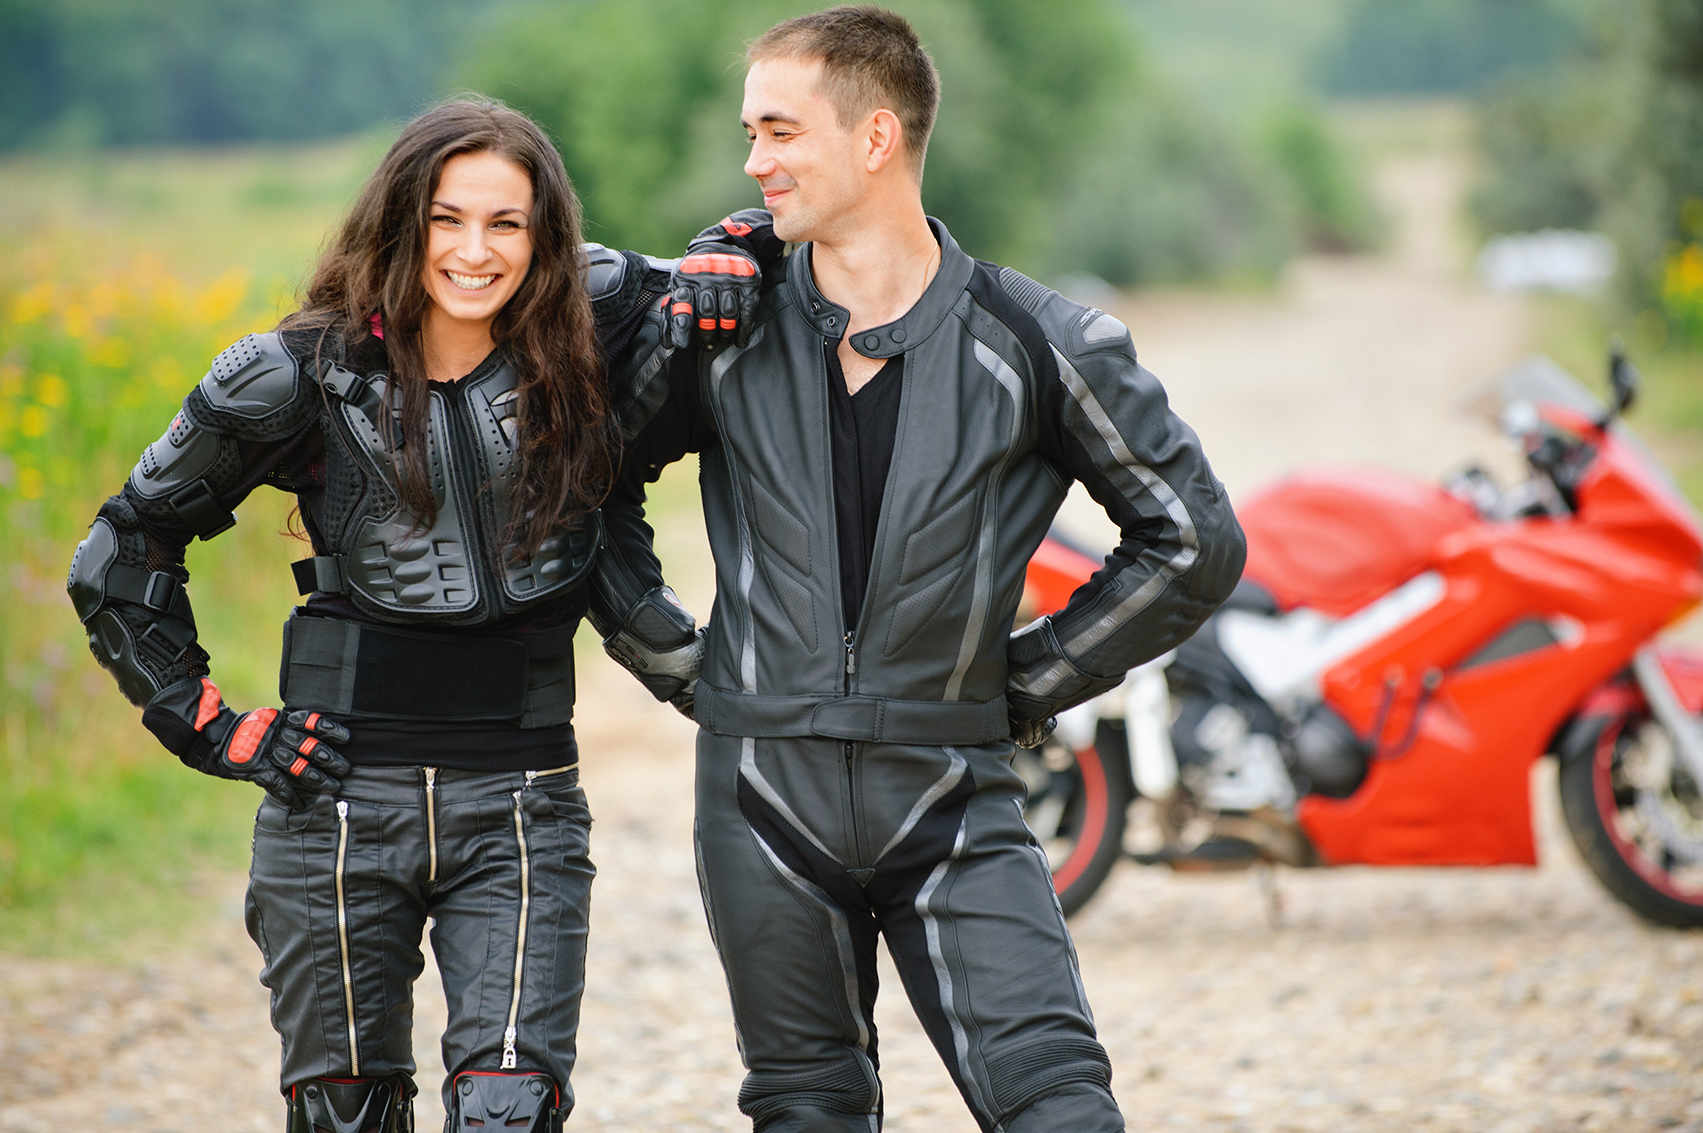 Motorrad Paar